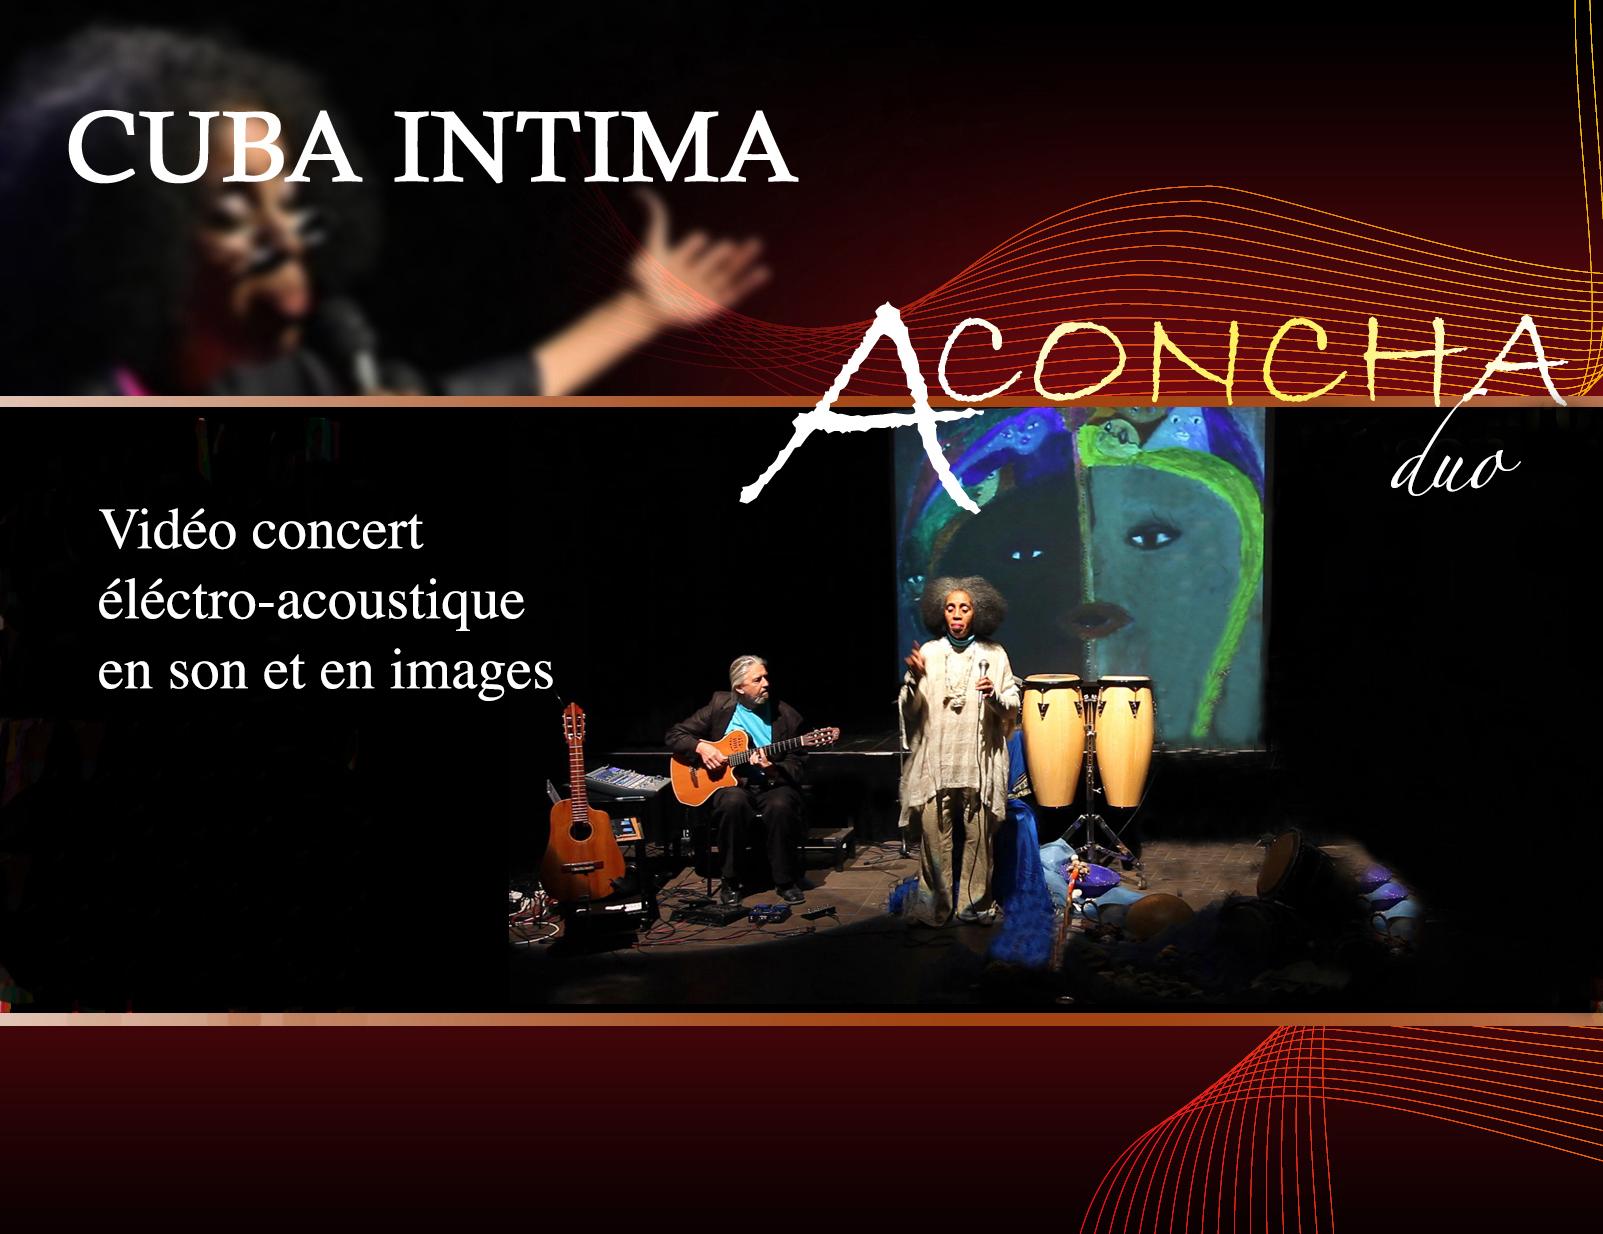 Aconcha duo Cuba Intima